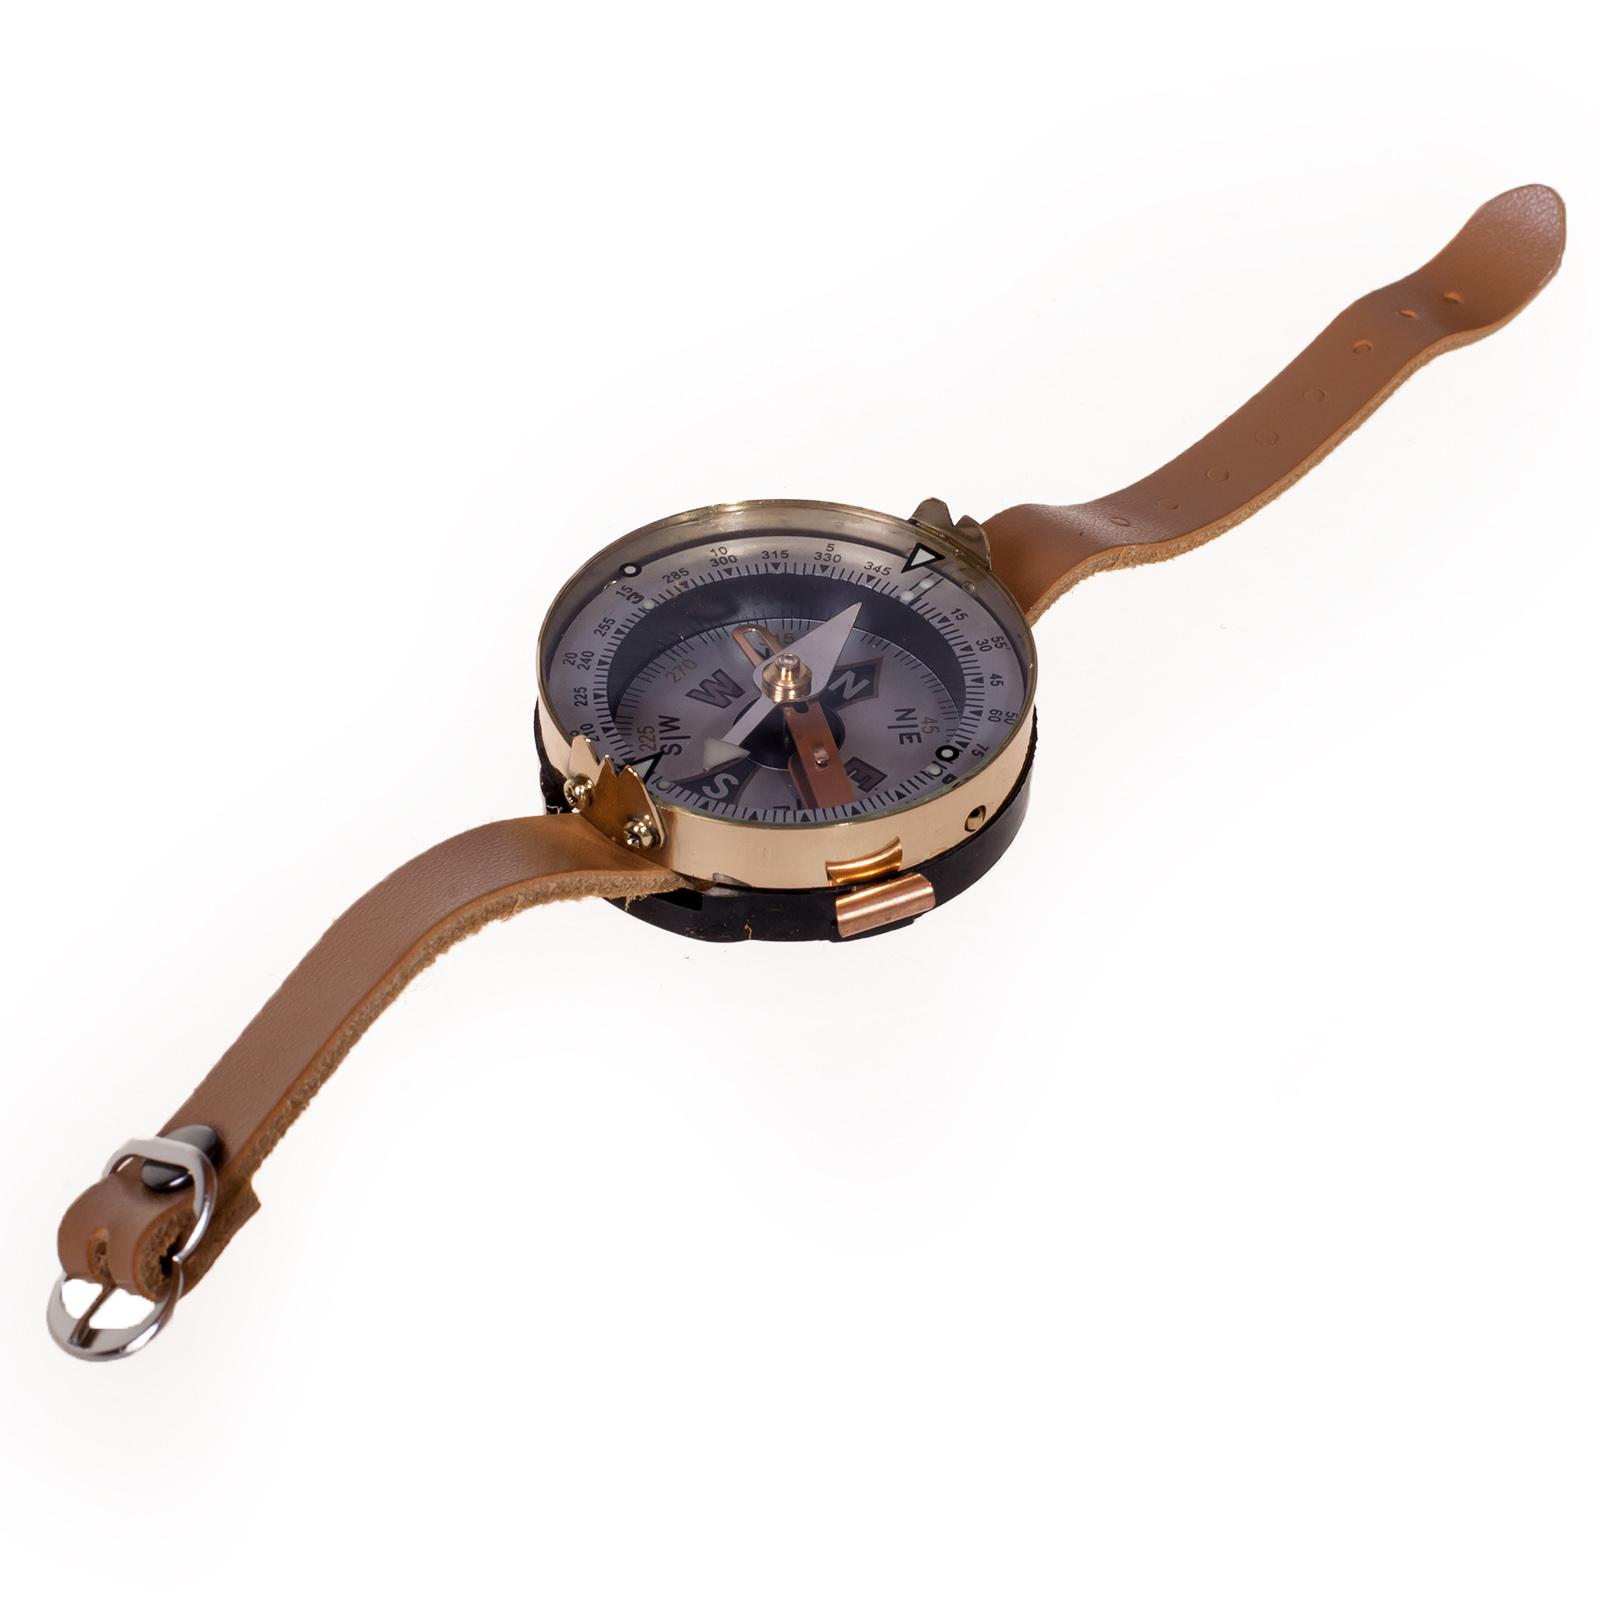 Купить компас Адрианова армейский